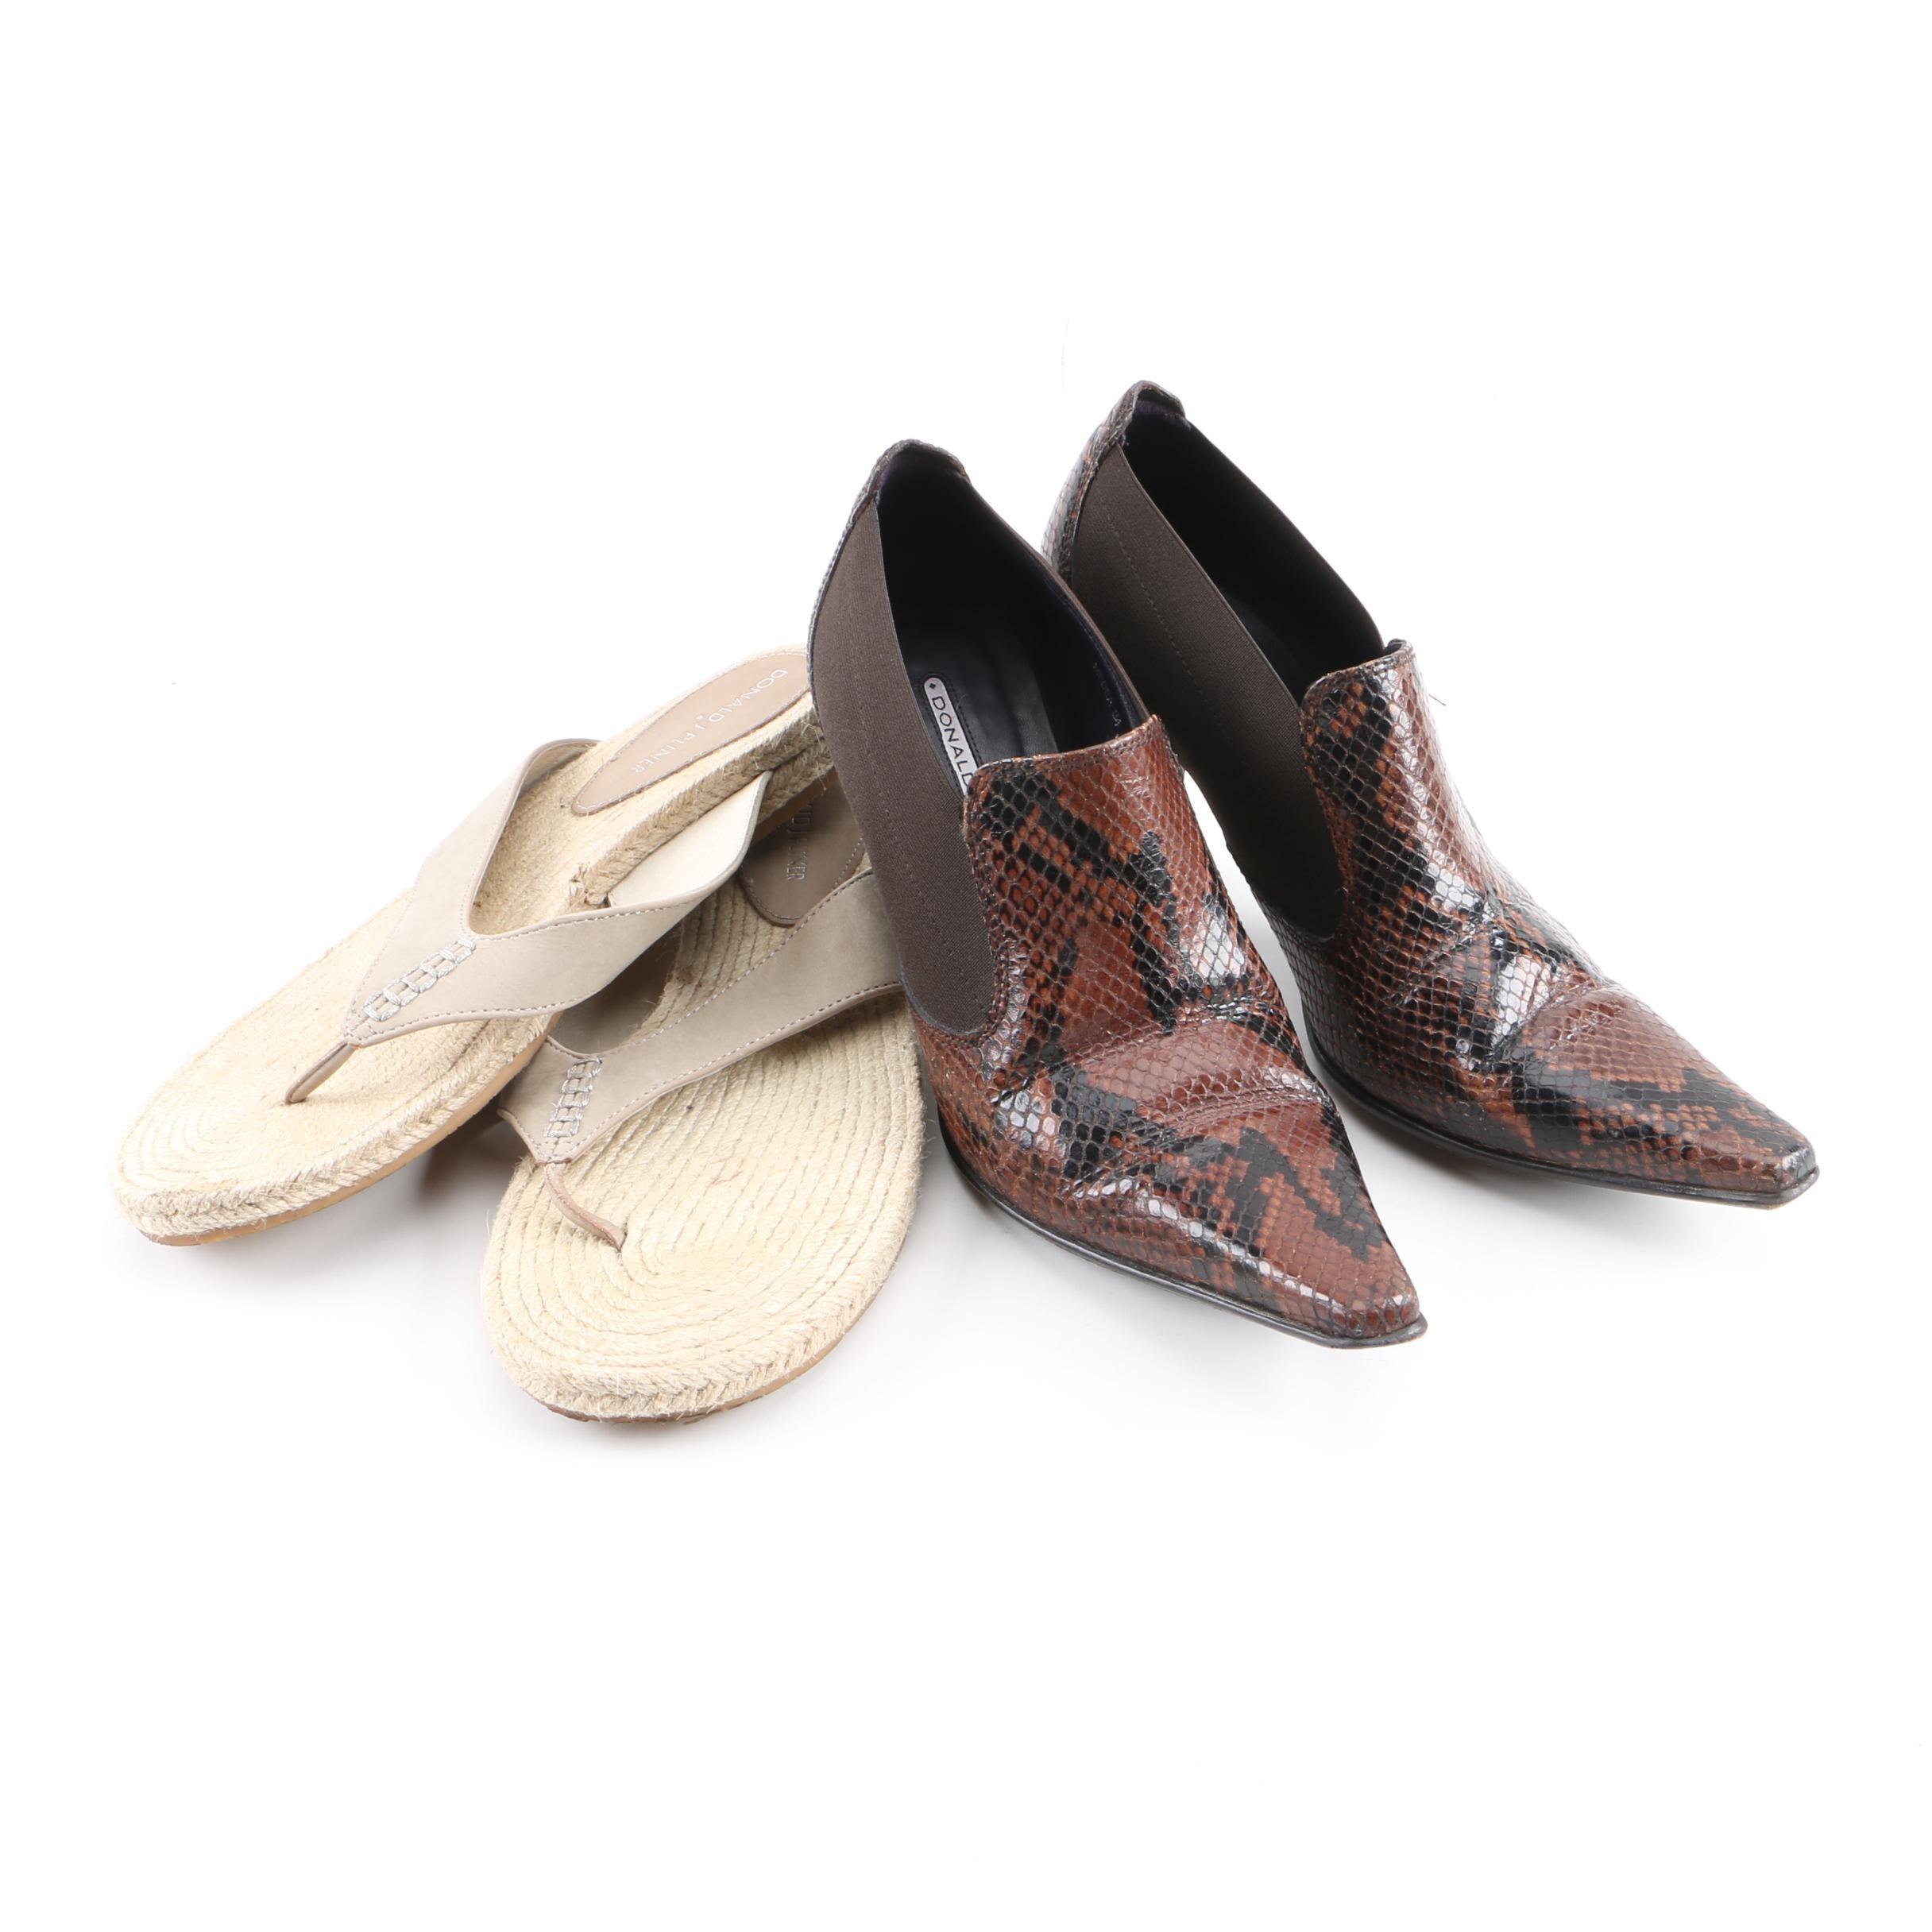 Donald J. Pliner Espadrille Sandals and Embossed Snakeskin Leather Heels